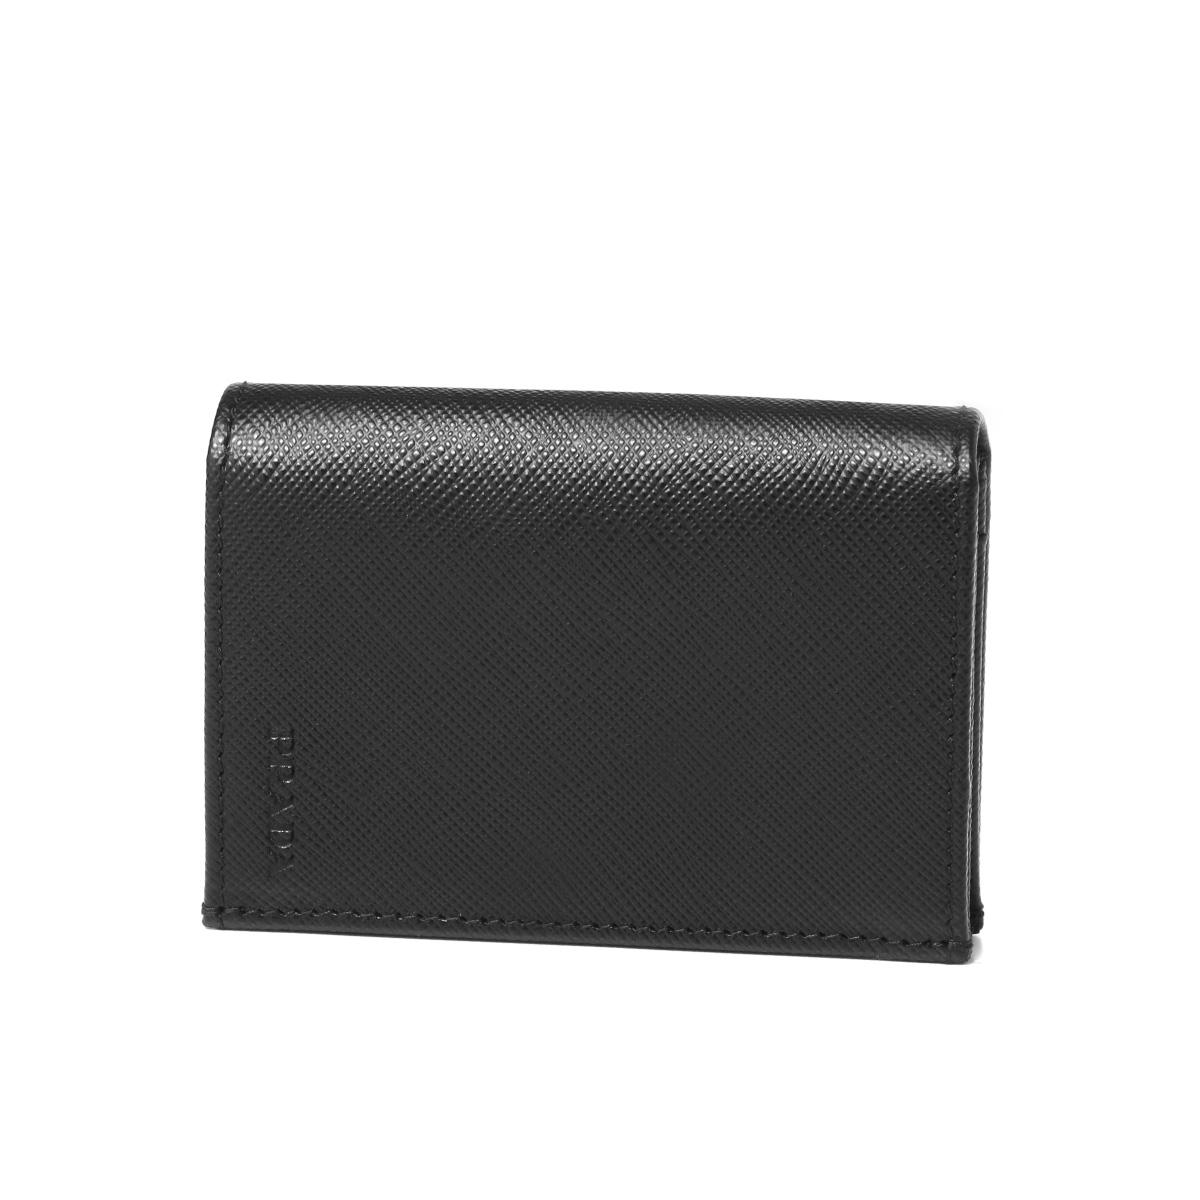 c2b29ebb67c4 Prada PRADA card case men 2MC945 PN9 F0002 SAFFIANO 1 NERO black ...